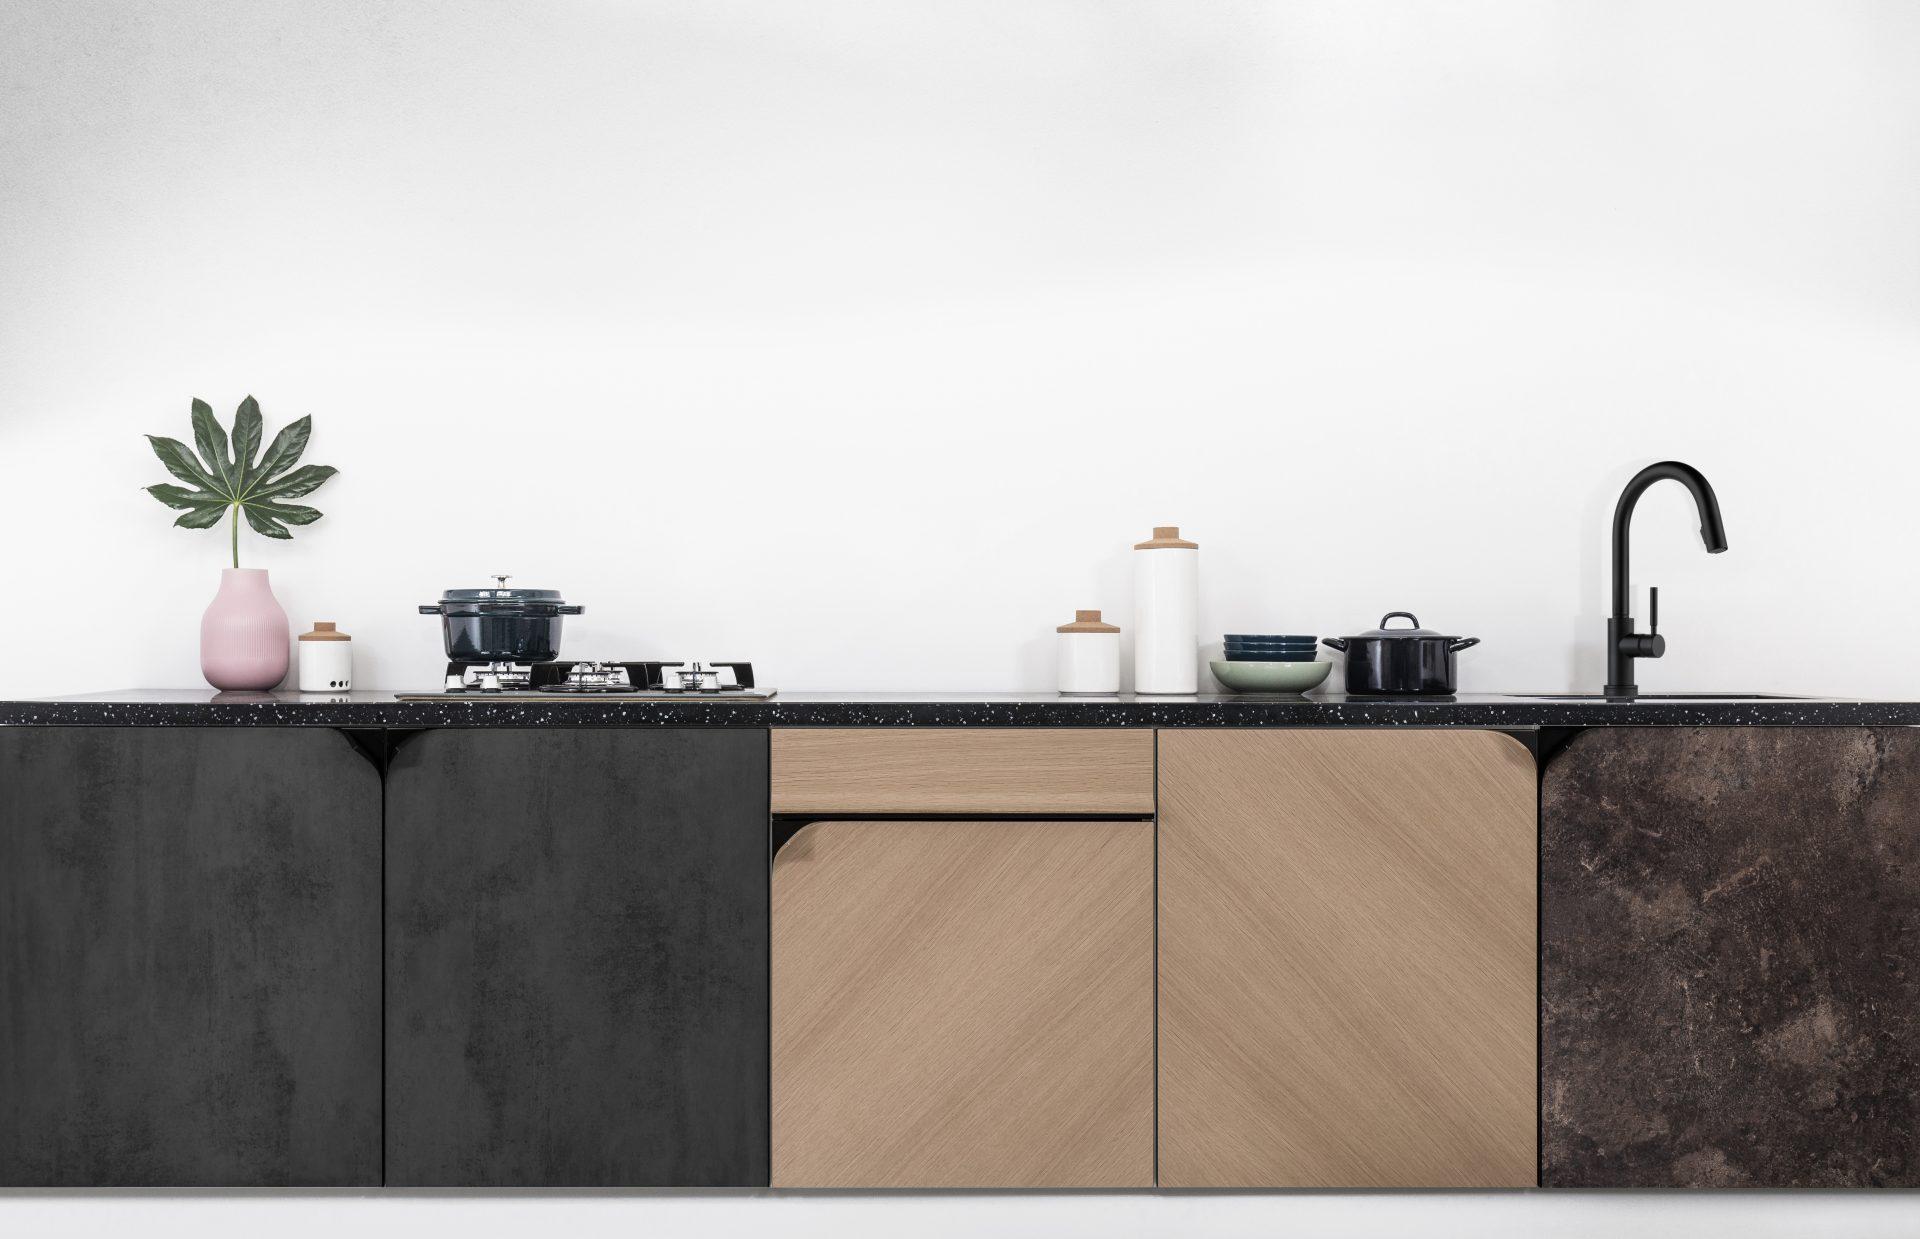 ekierki_marko_kitchen_designalive-13